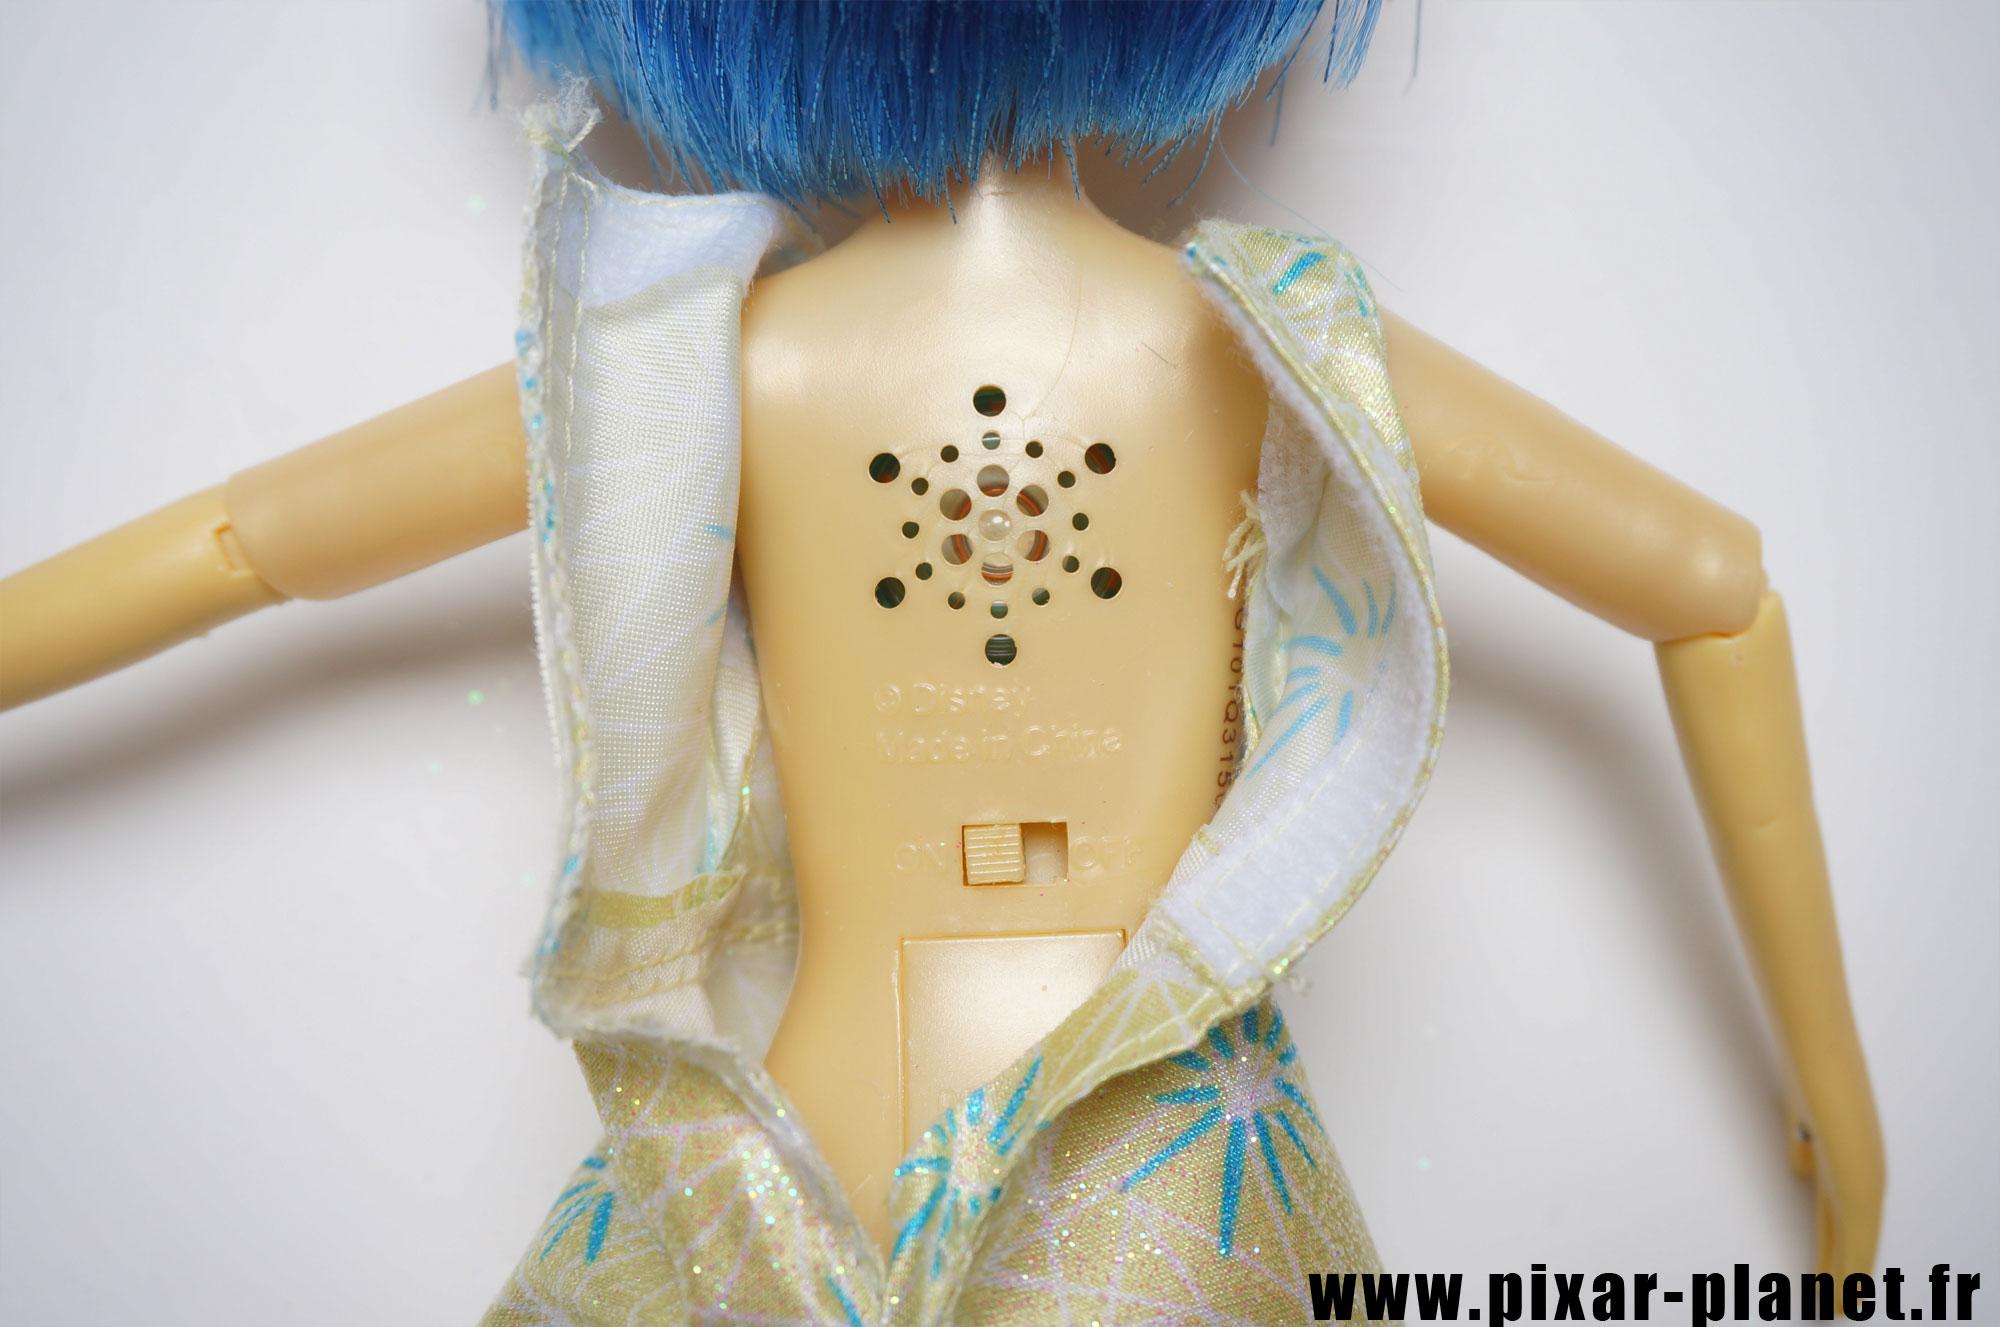 Pixar disney poupée toy vice versa inside out joie joy